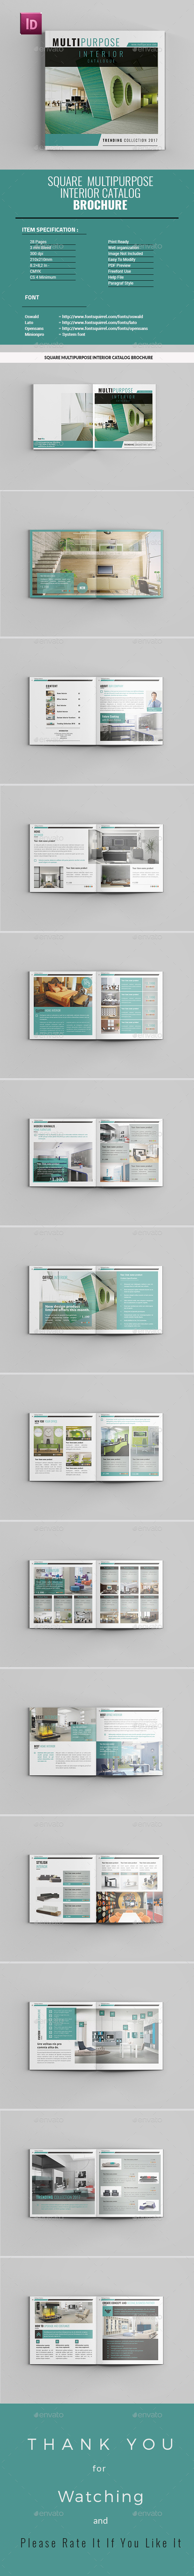 Square Multipurpose Interior Catalog Brochure - Catalogs Brochures